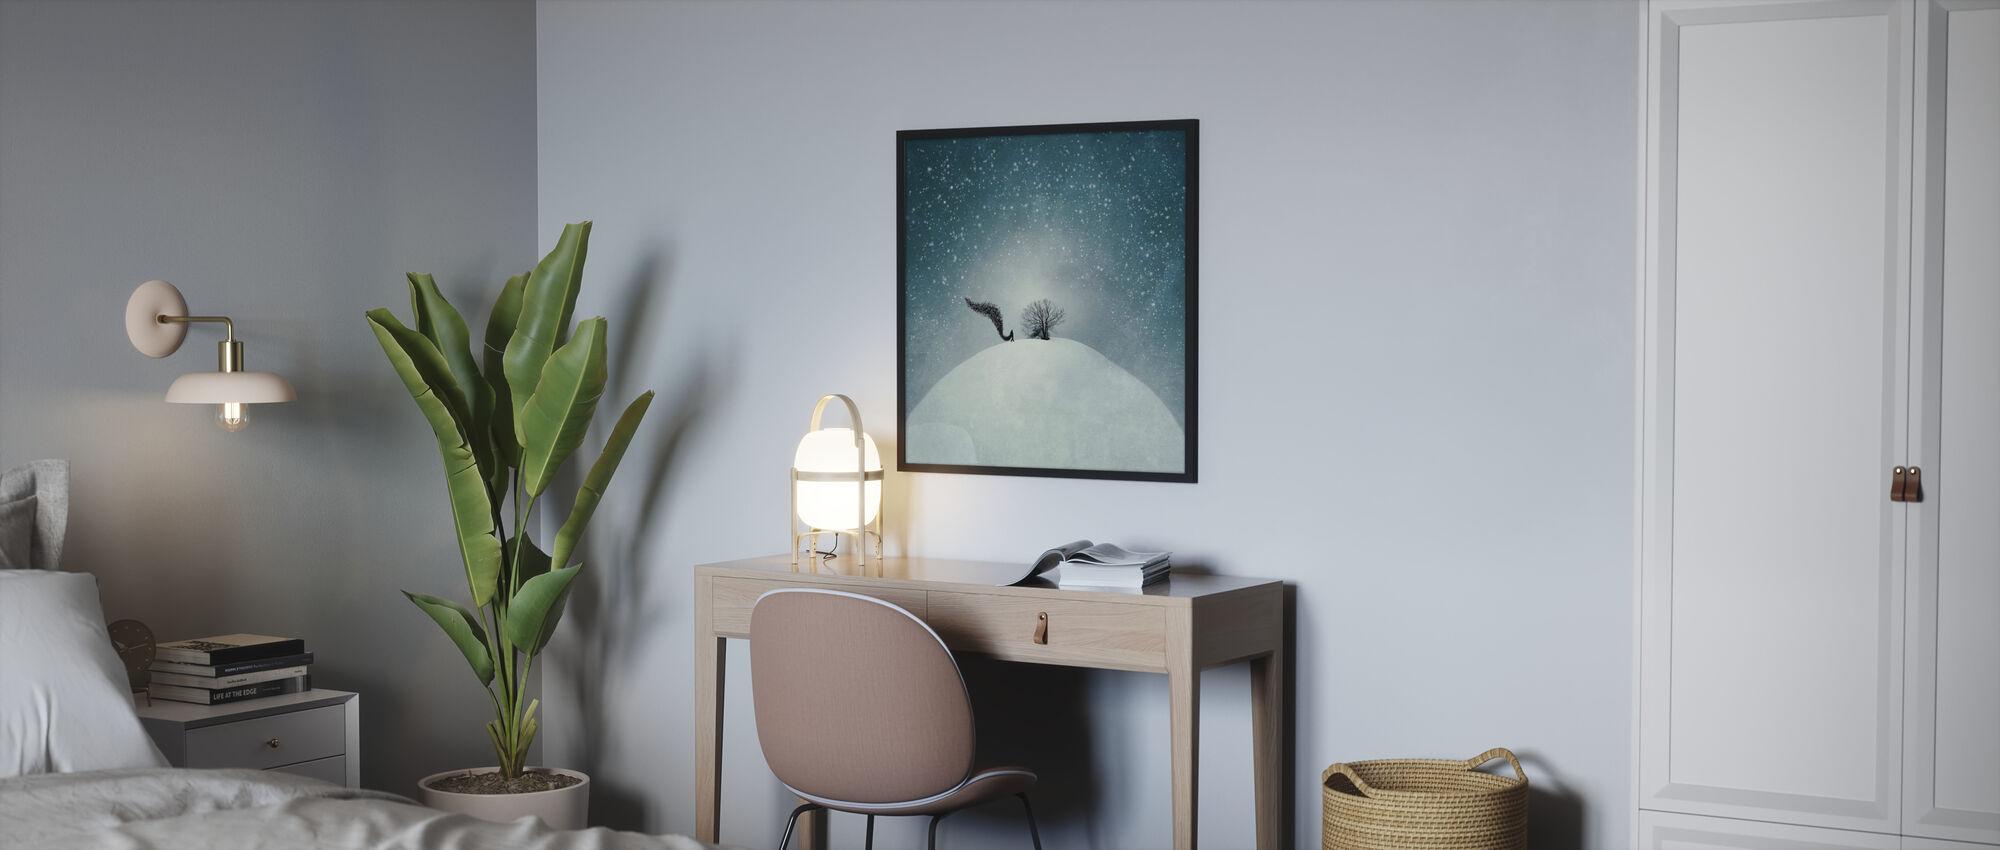 Forlorn - Poster - Camera da letto